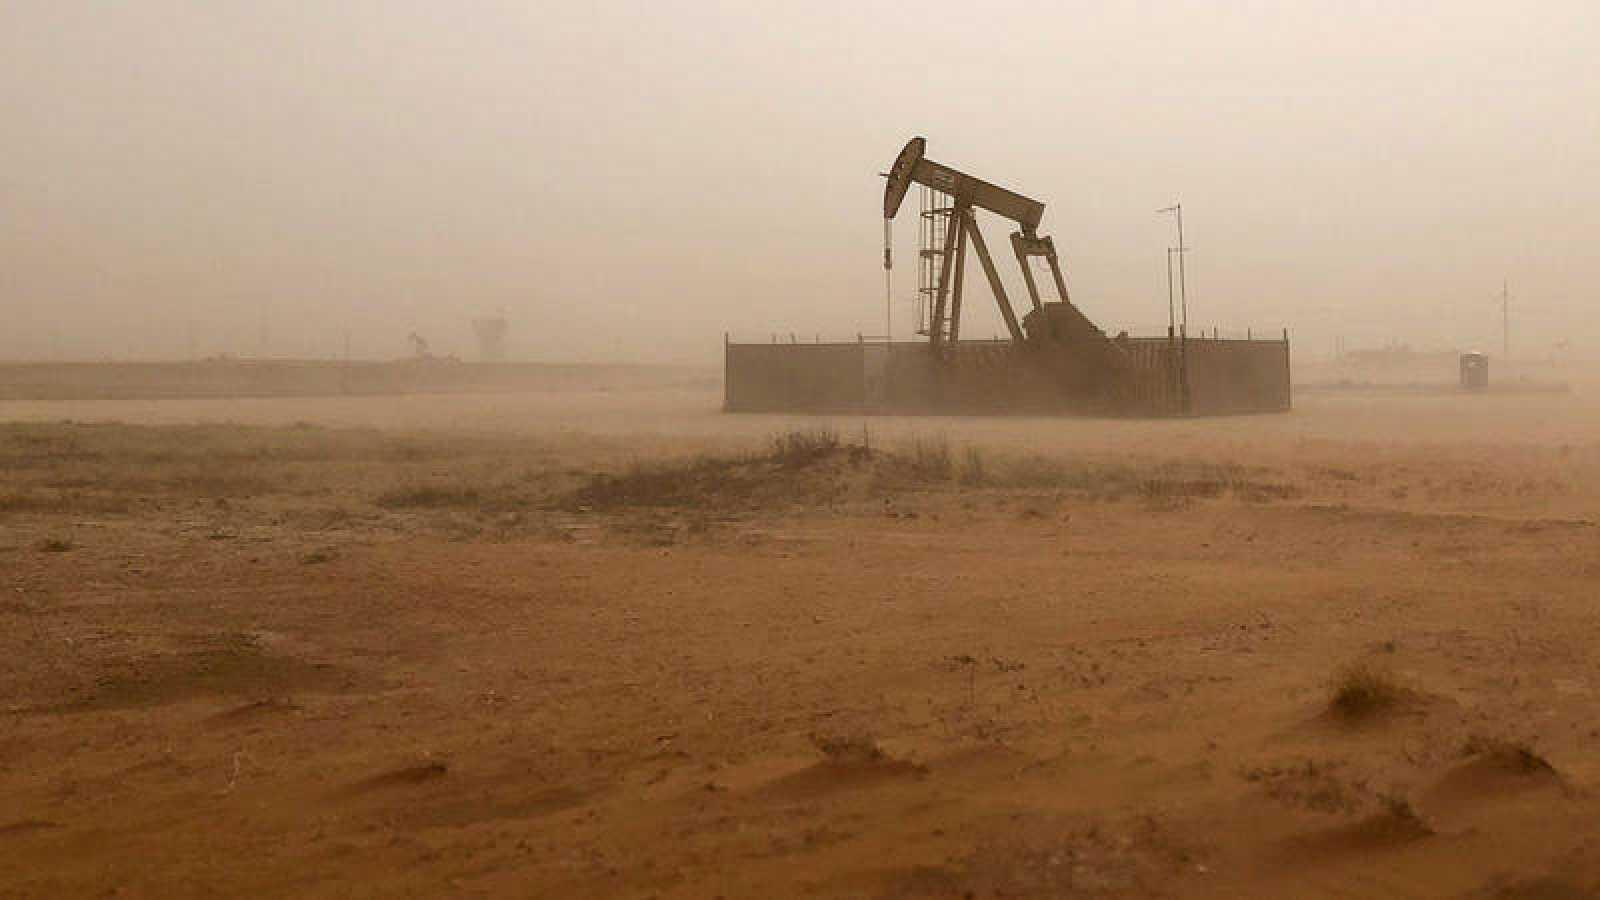 El petróleo alcanza su precio máximo desde noviembre de 2014 ...